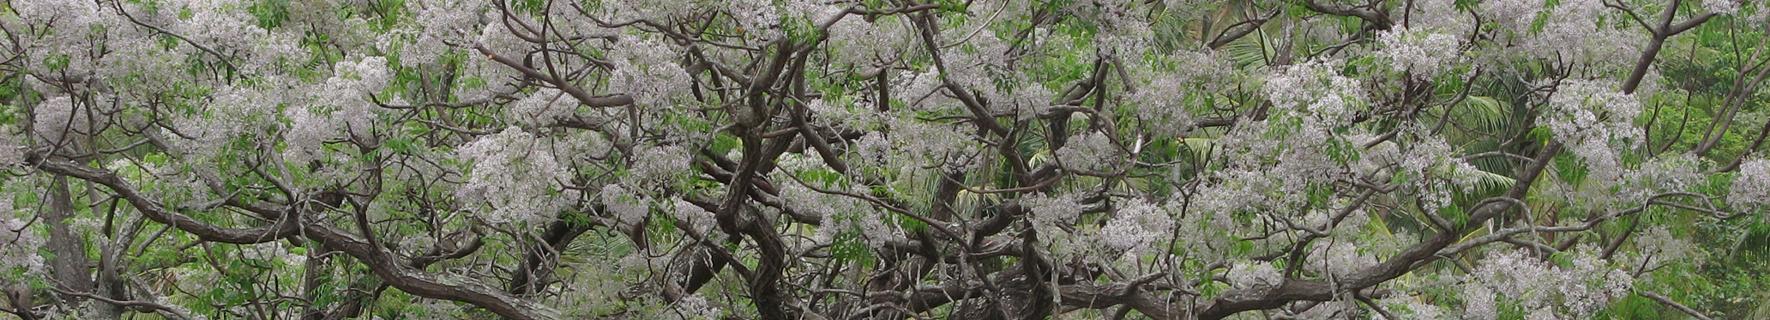 太麻里樹木圖